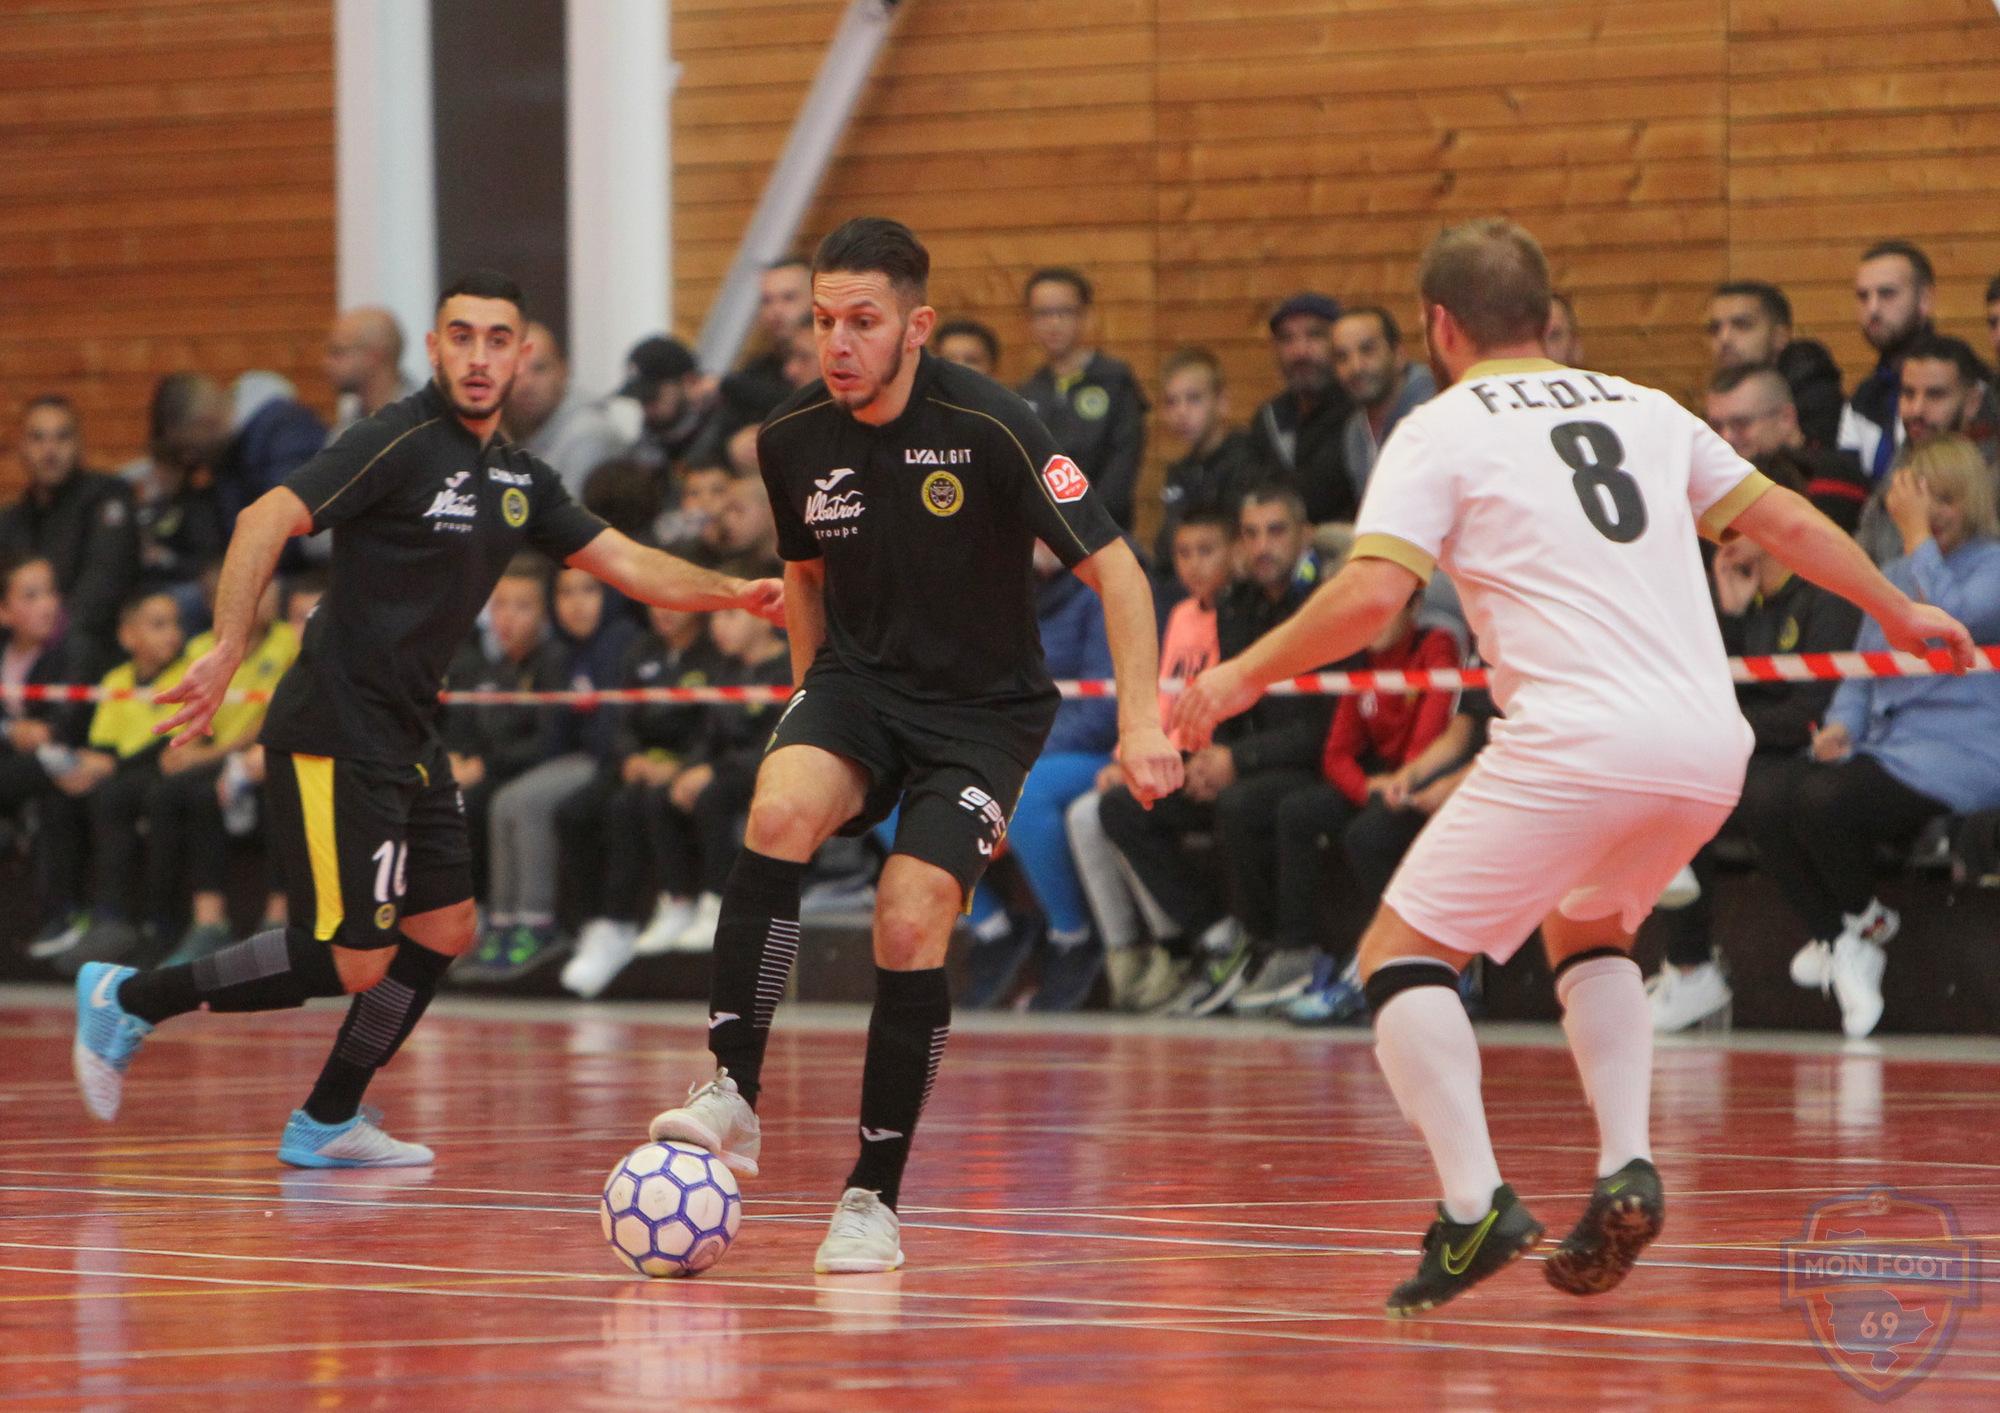 Chavanoz - Dijon Clénay (2-2) : compte-rendu et fiche technique